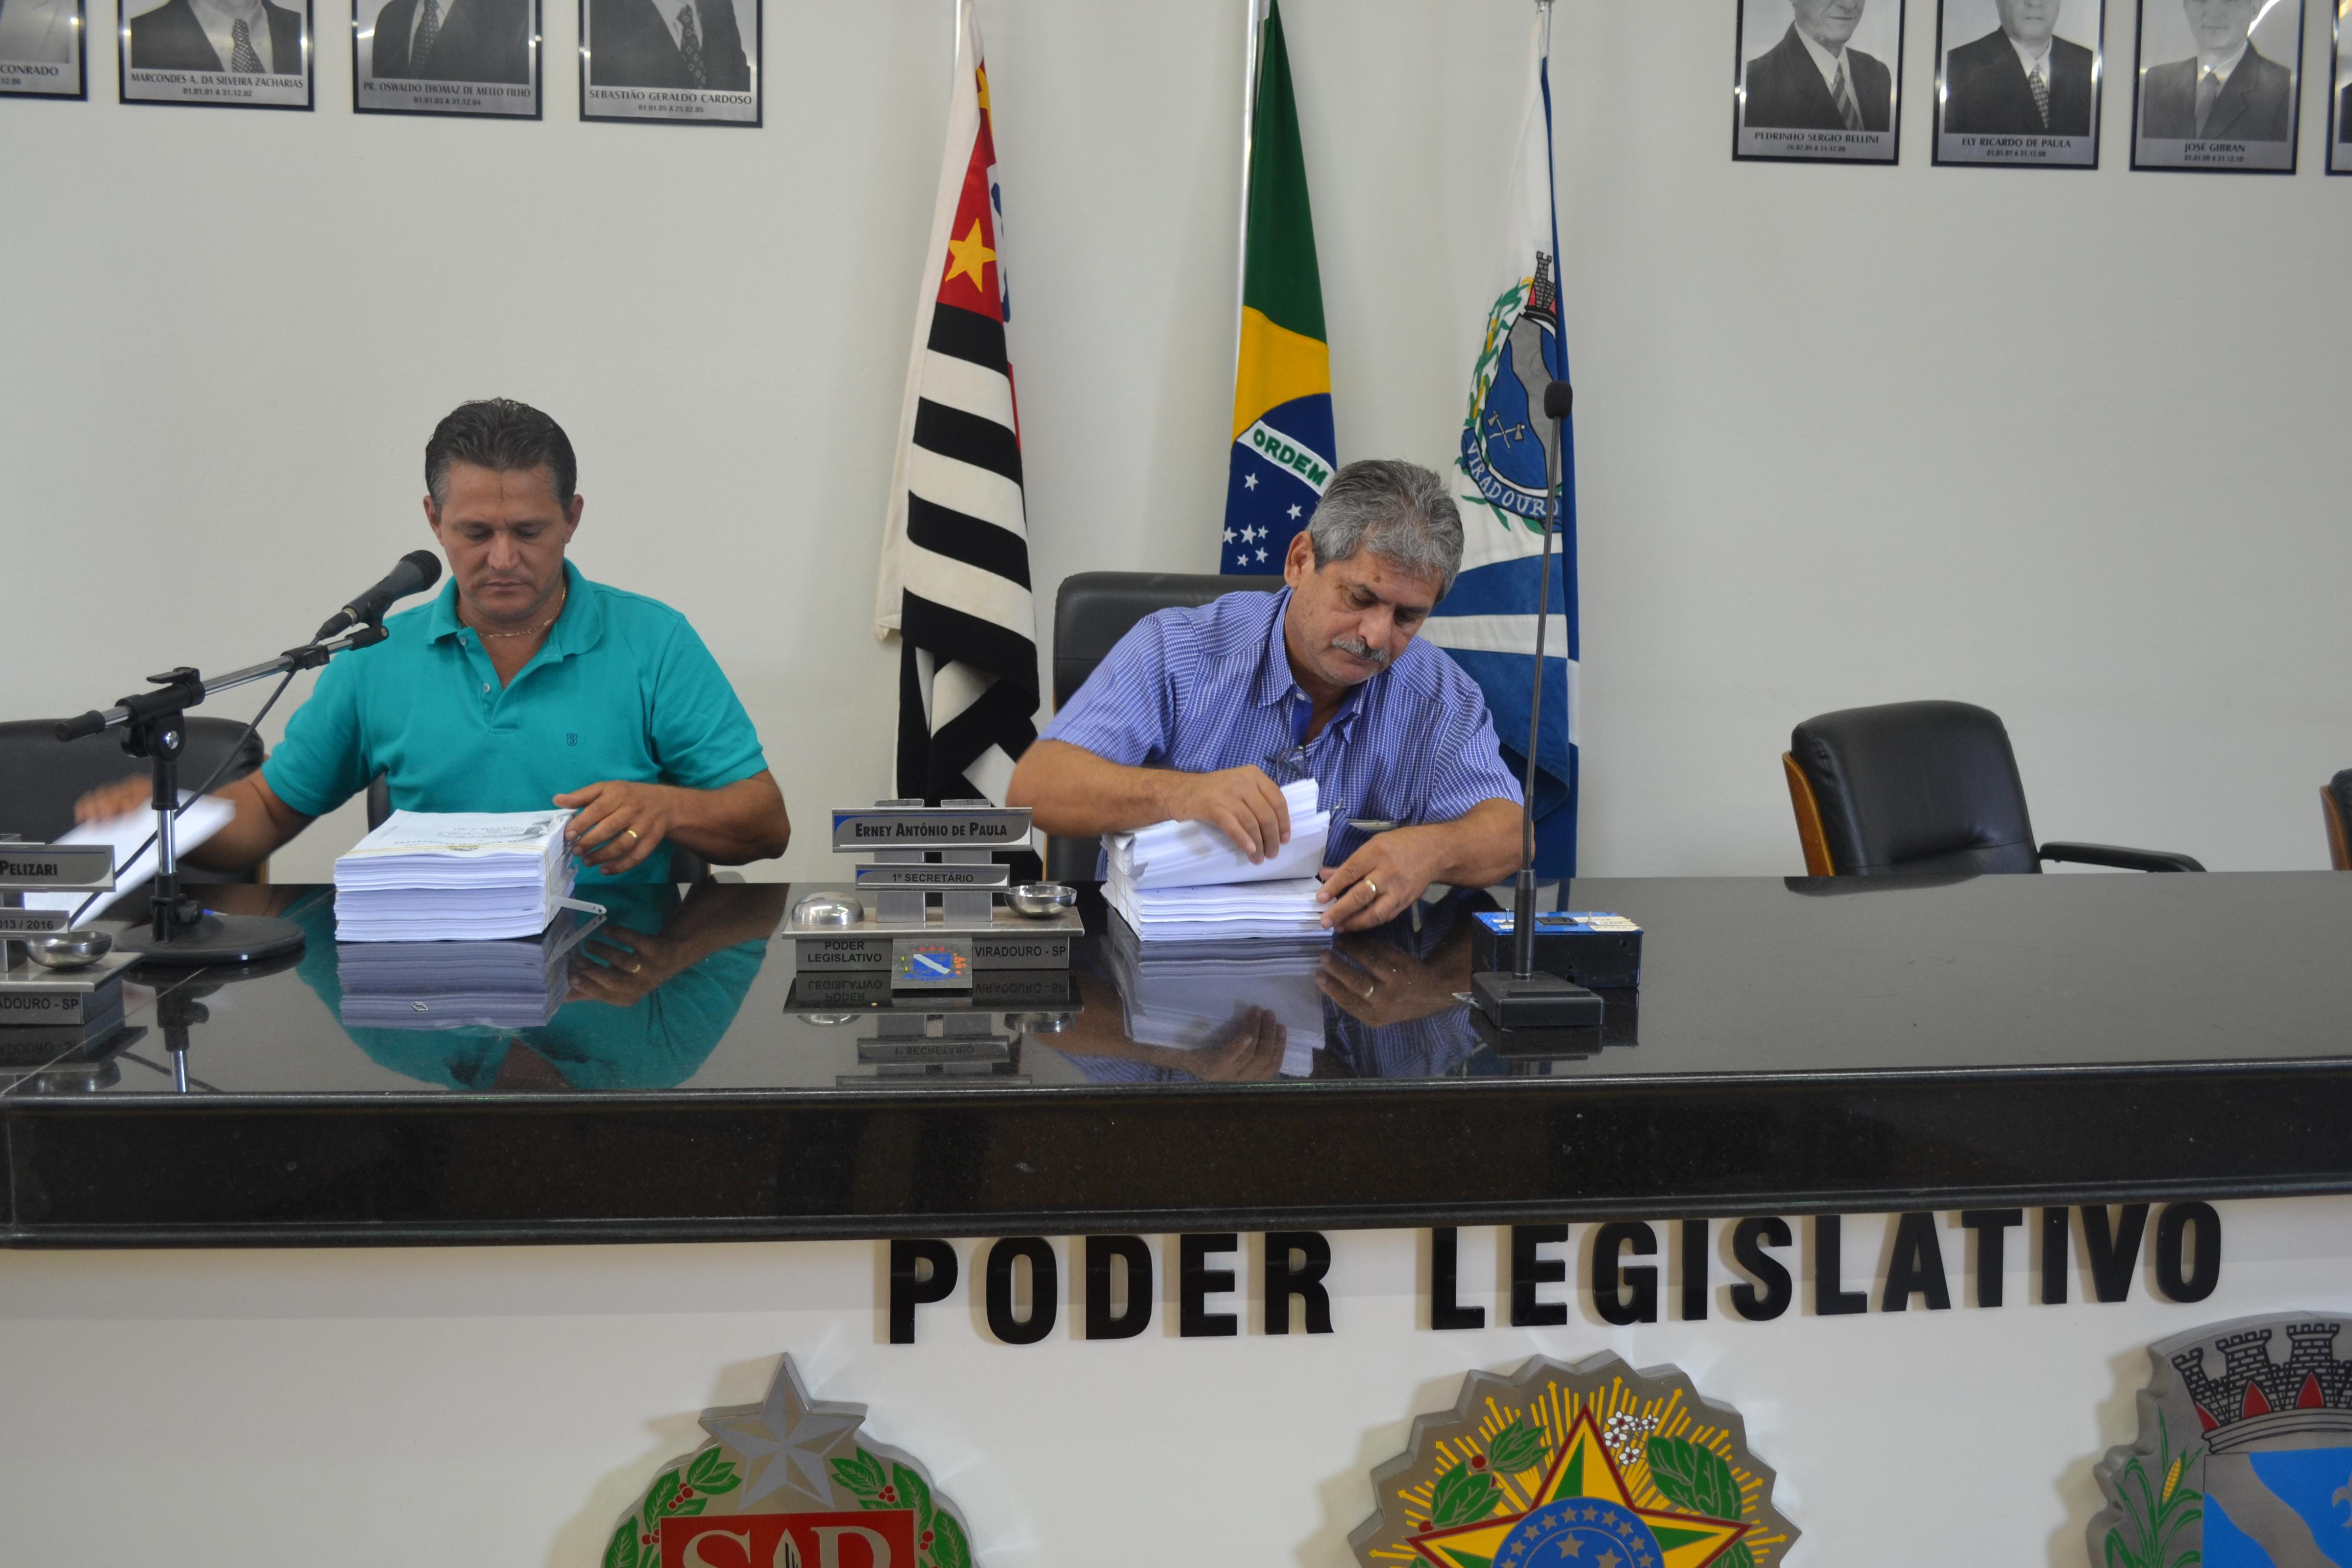 Membros da Comissão de Finanças e Orçamento analisam as Contas do Poder Executivo referentes ao exercício 2012.